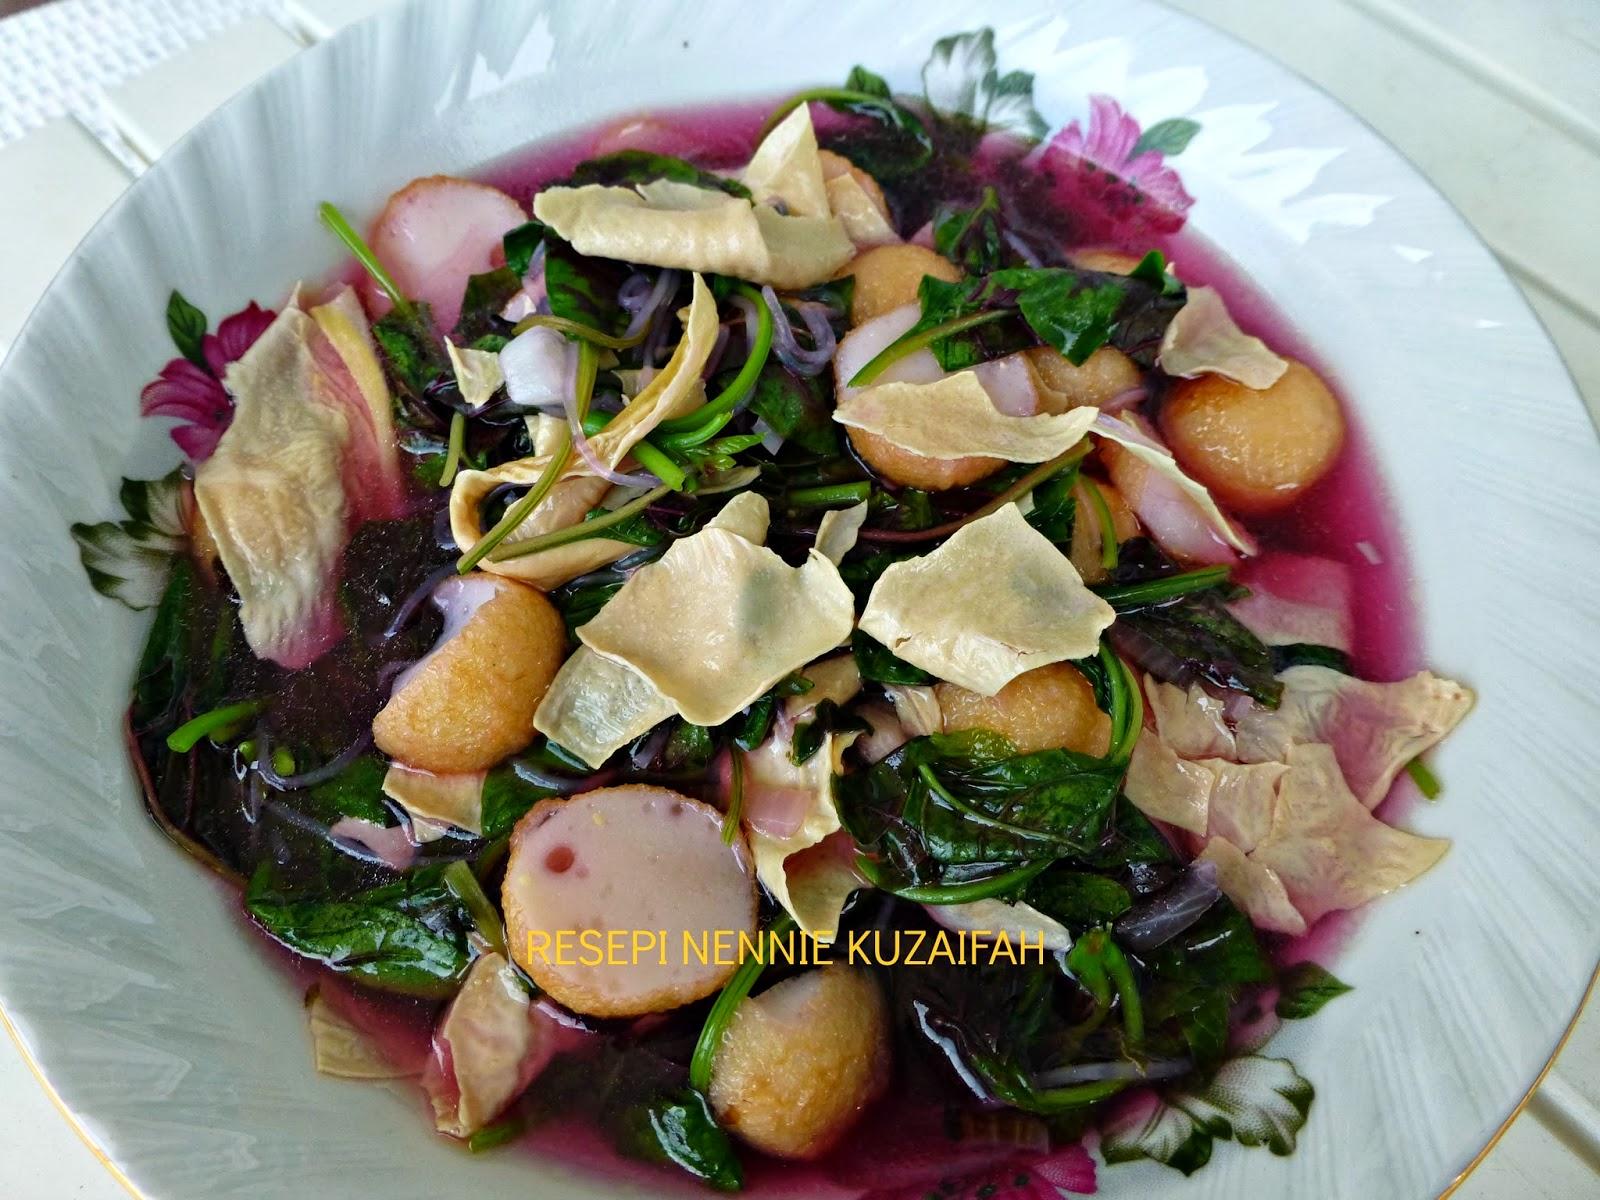 Tumis Air Sayur Bayam Recipes Tumis Air Sayur Bayam Recipe